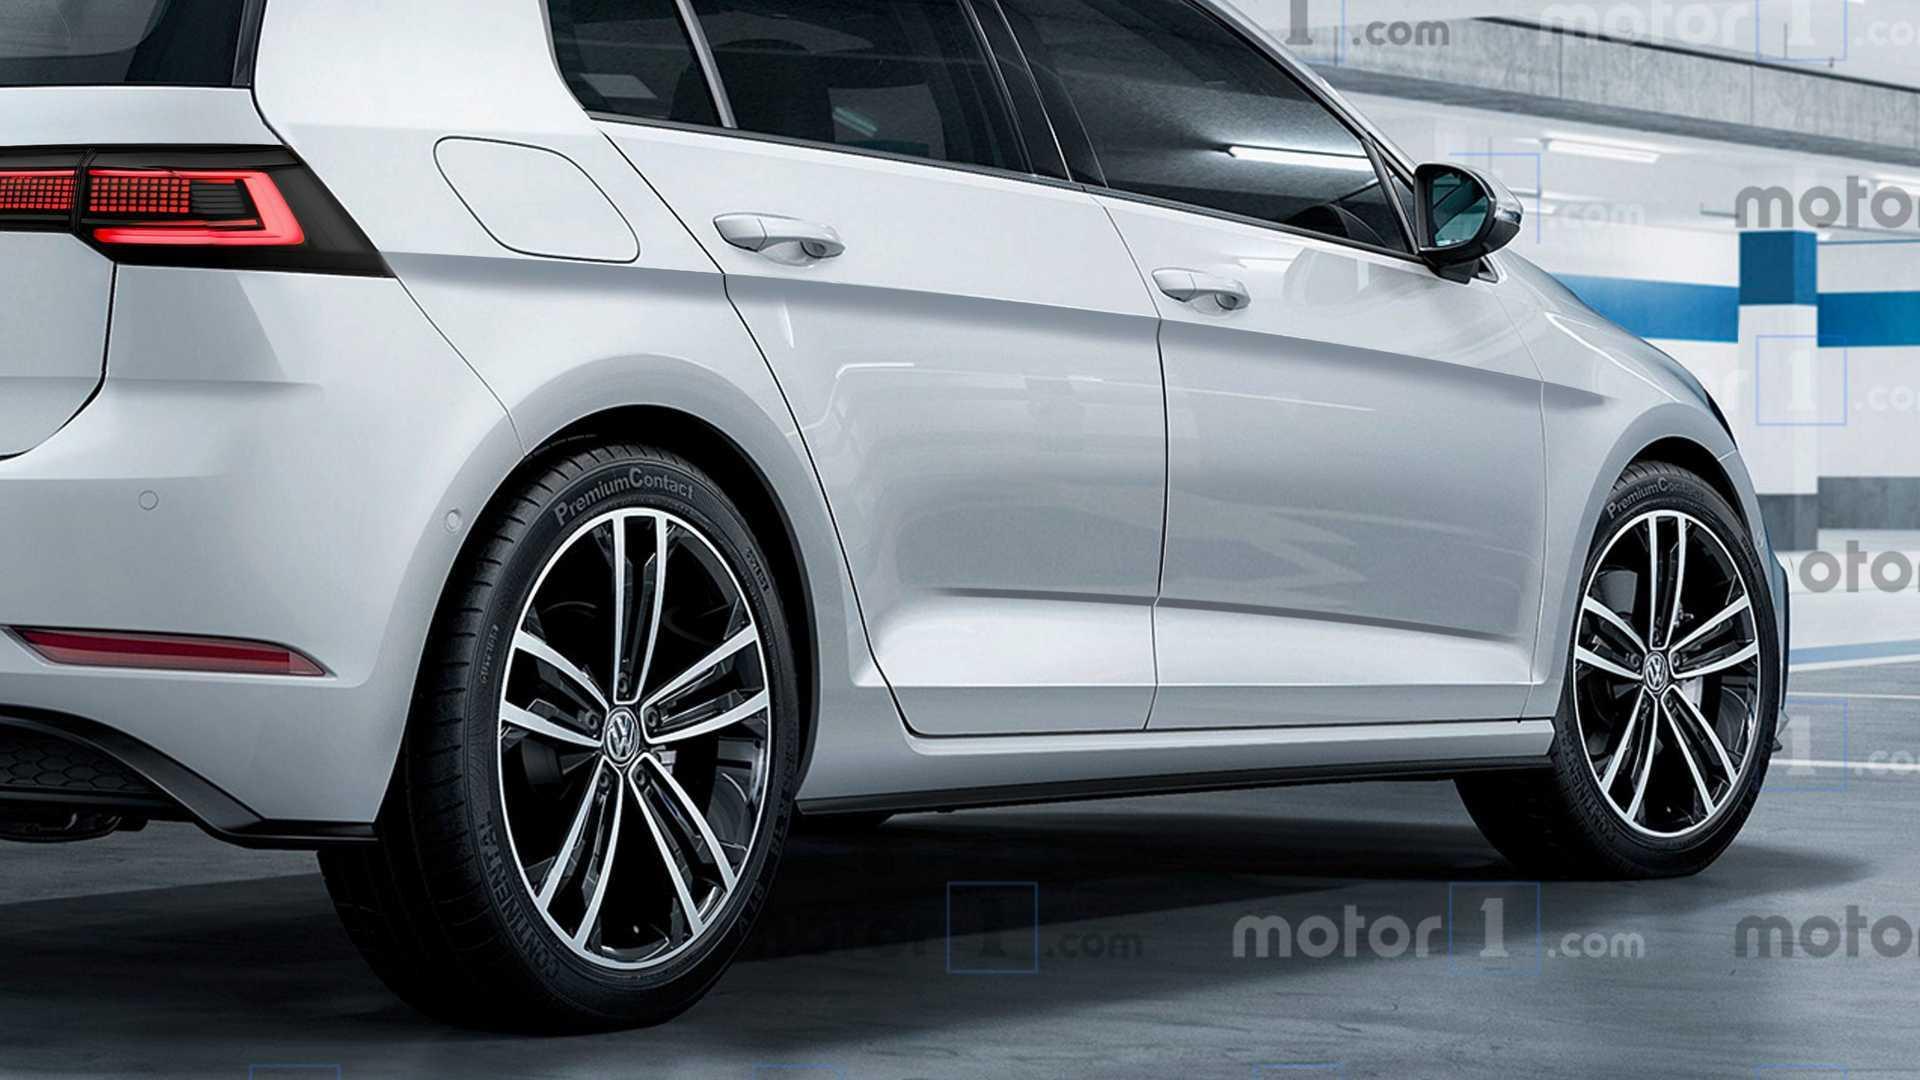 2020 Volkswagen Golf Everything We Know